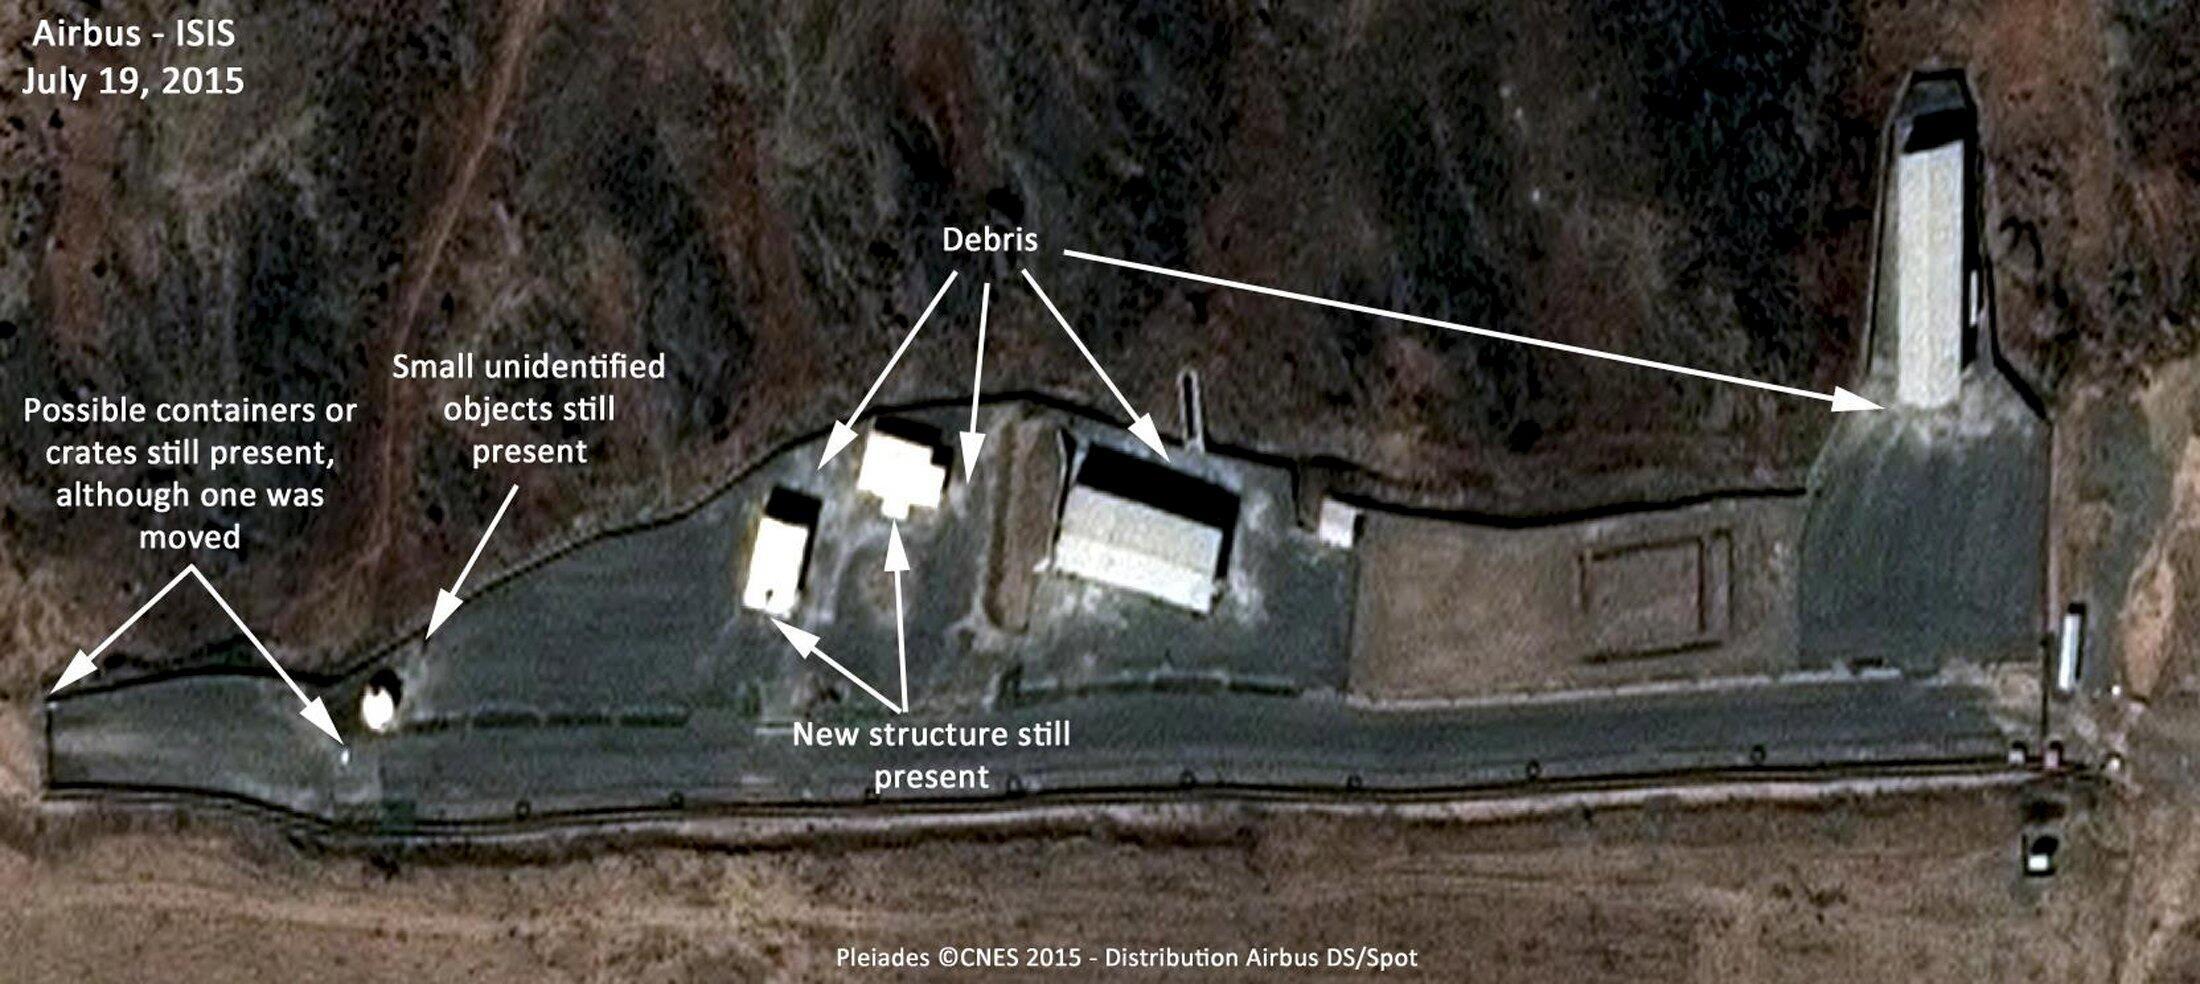 Imagen de satélite muestra el complejo militar de Parchin, vinculado al programa nuclear iraní, 19 de julio de 2015.